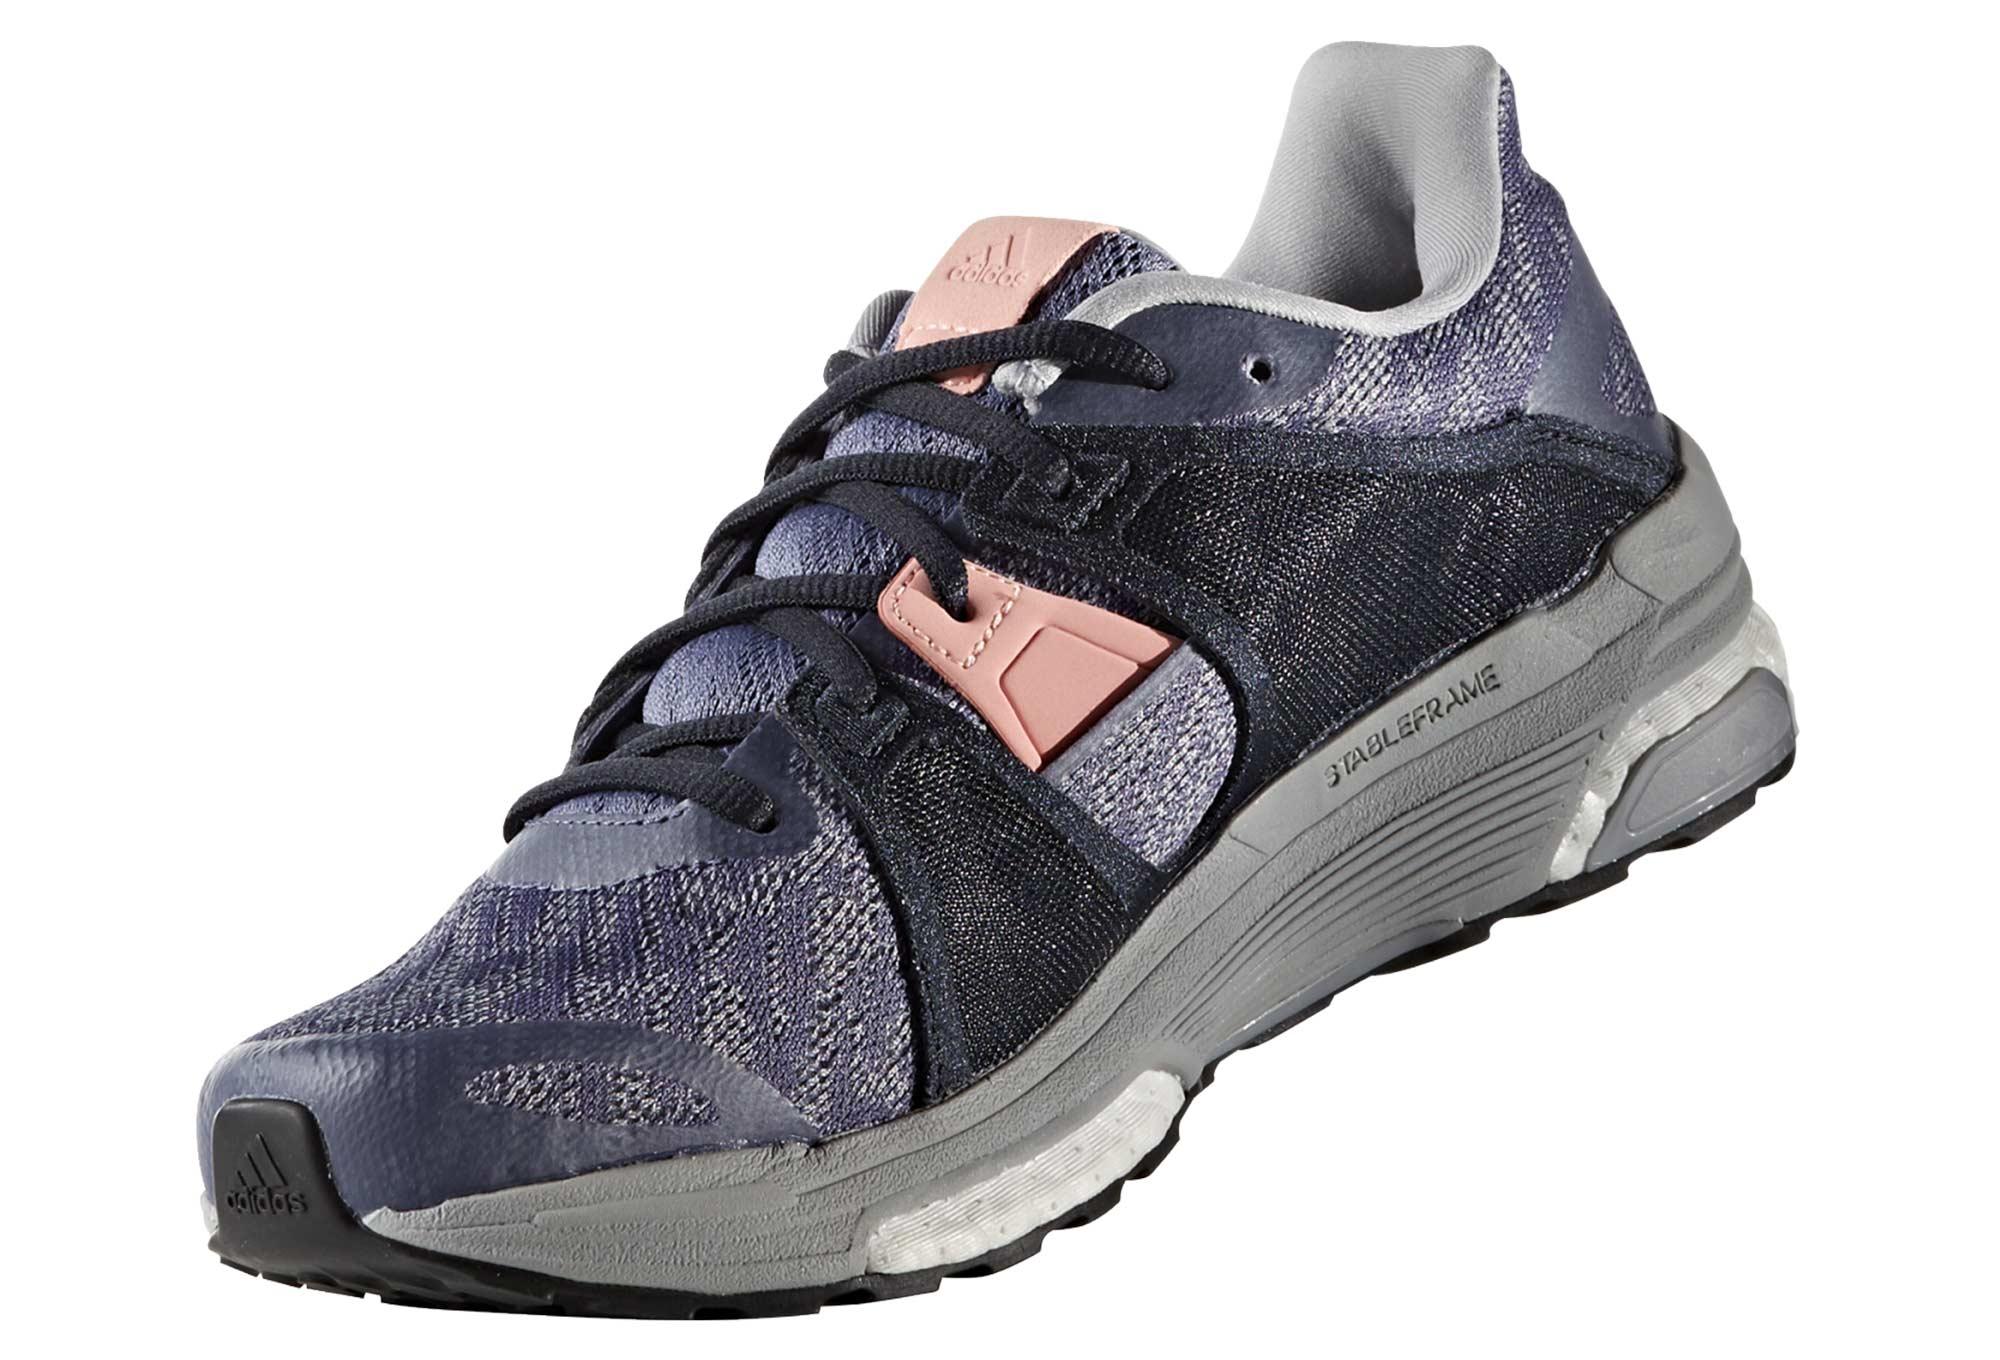 93219704b99 Chaussures de Running Femme adidas running Supernova Sequence 9 Violet    Gris